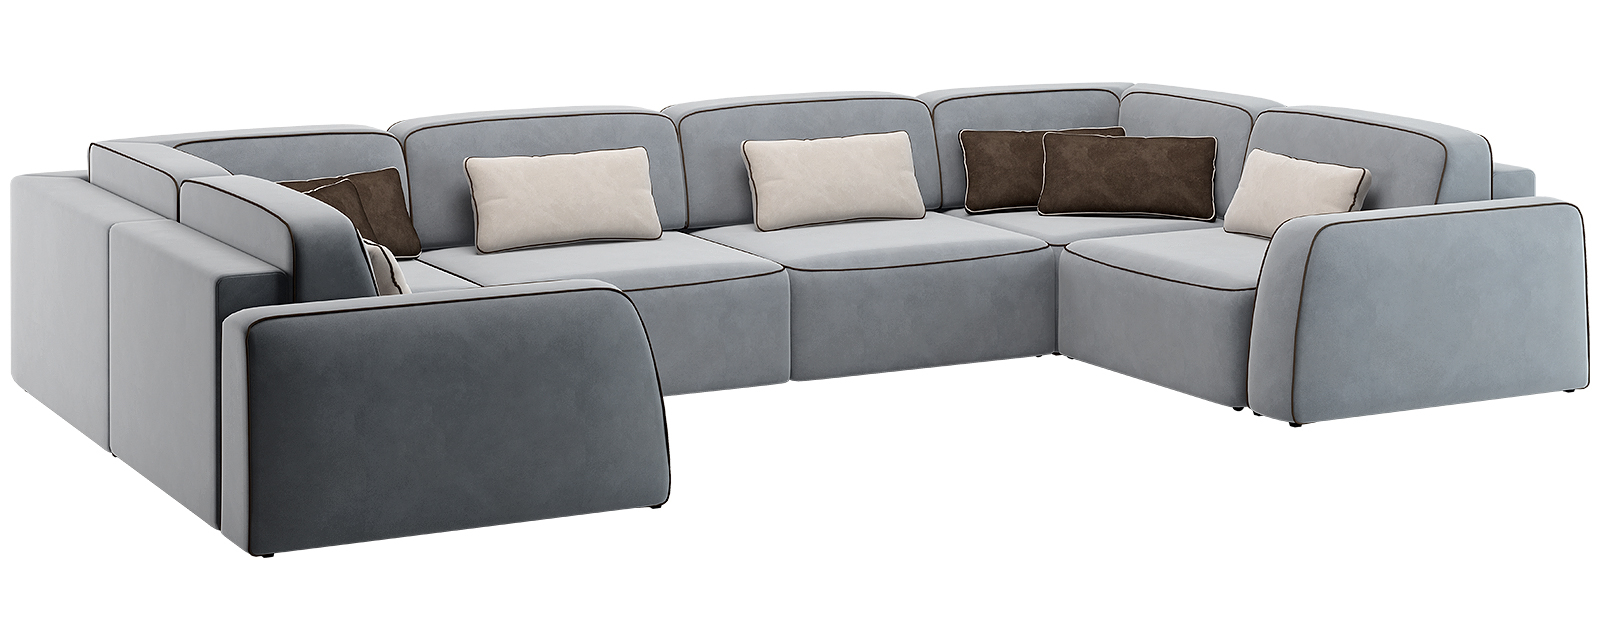 Модульный диван Портленд П-образный Вариант №4 Velutto серый (Велюр)